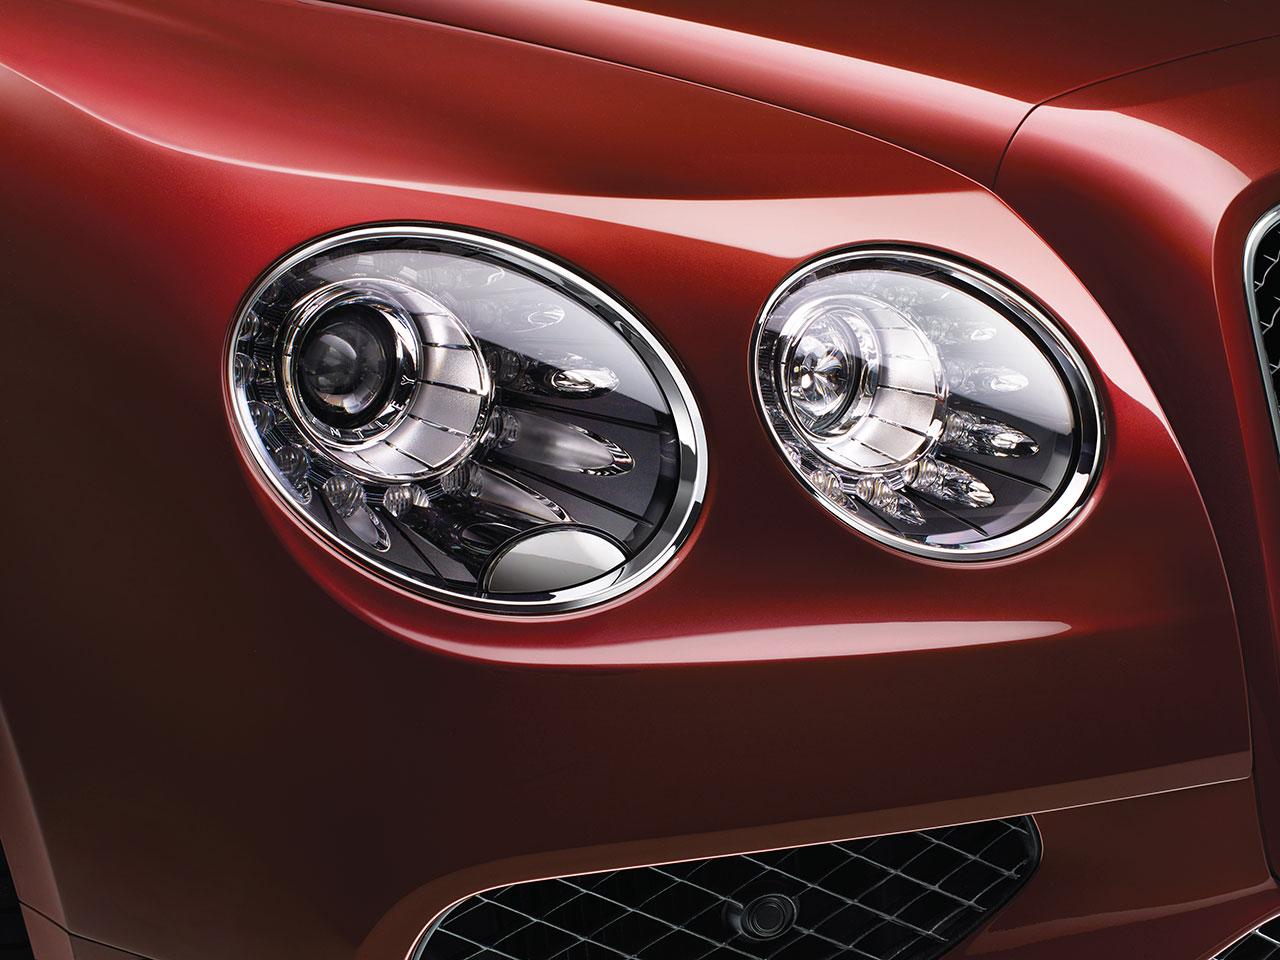 Bentley Flying Spur V8 S Headlight Detail